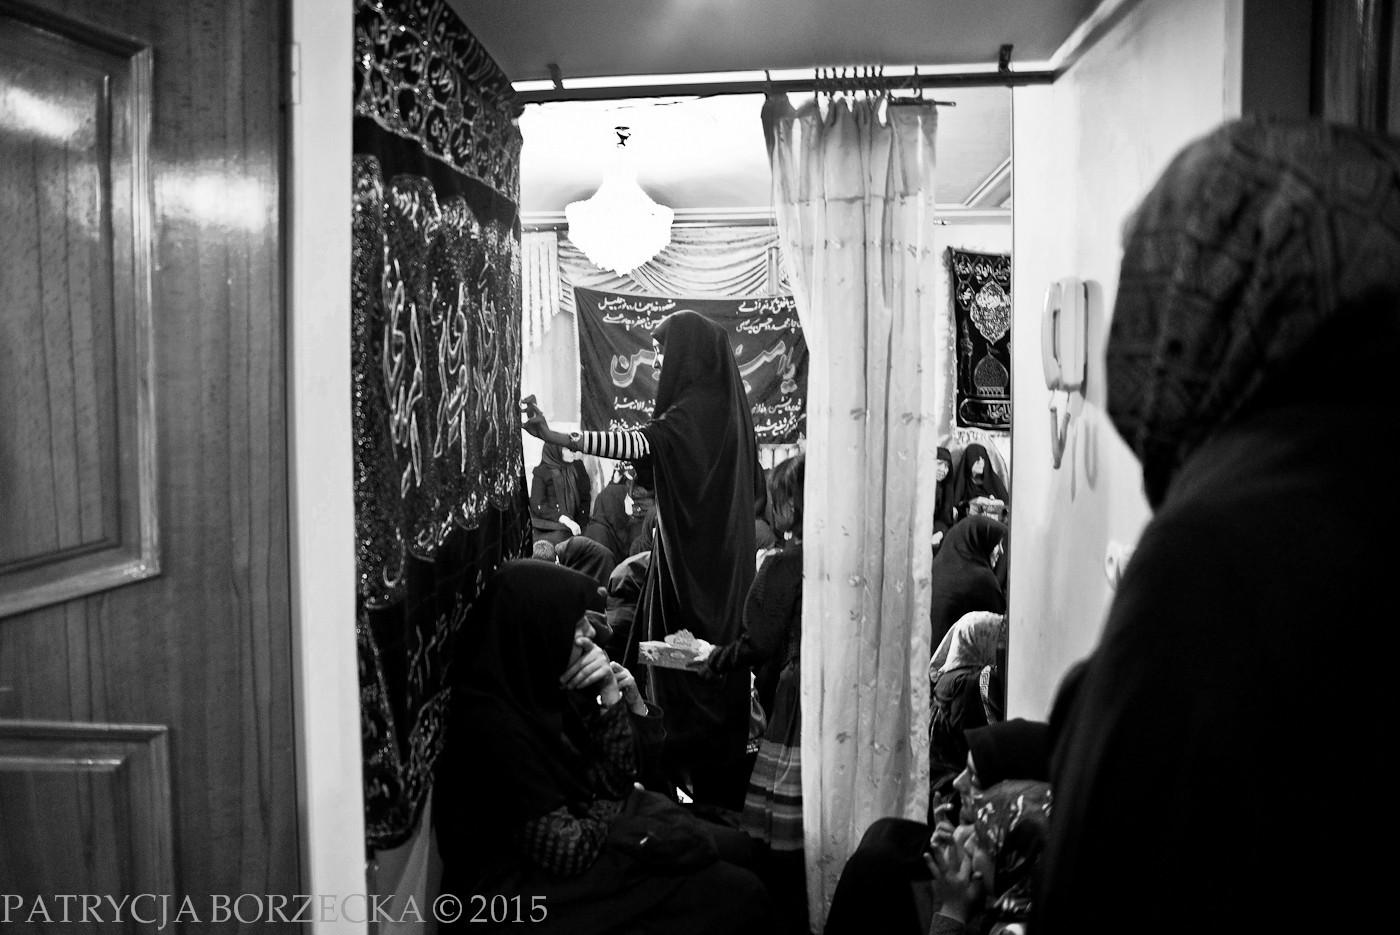 PatrycjaBorzecka-photo-Muharram08